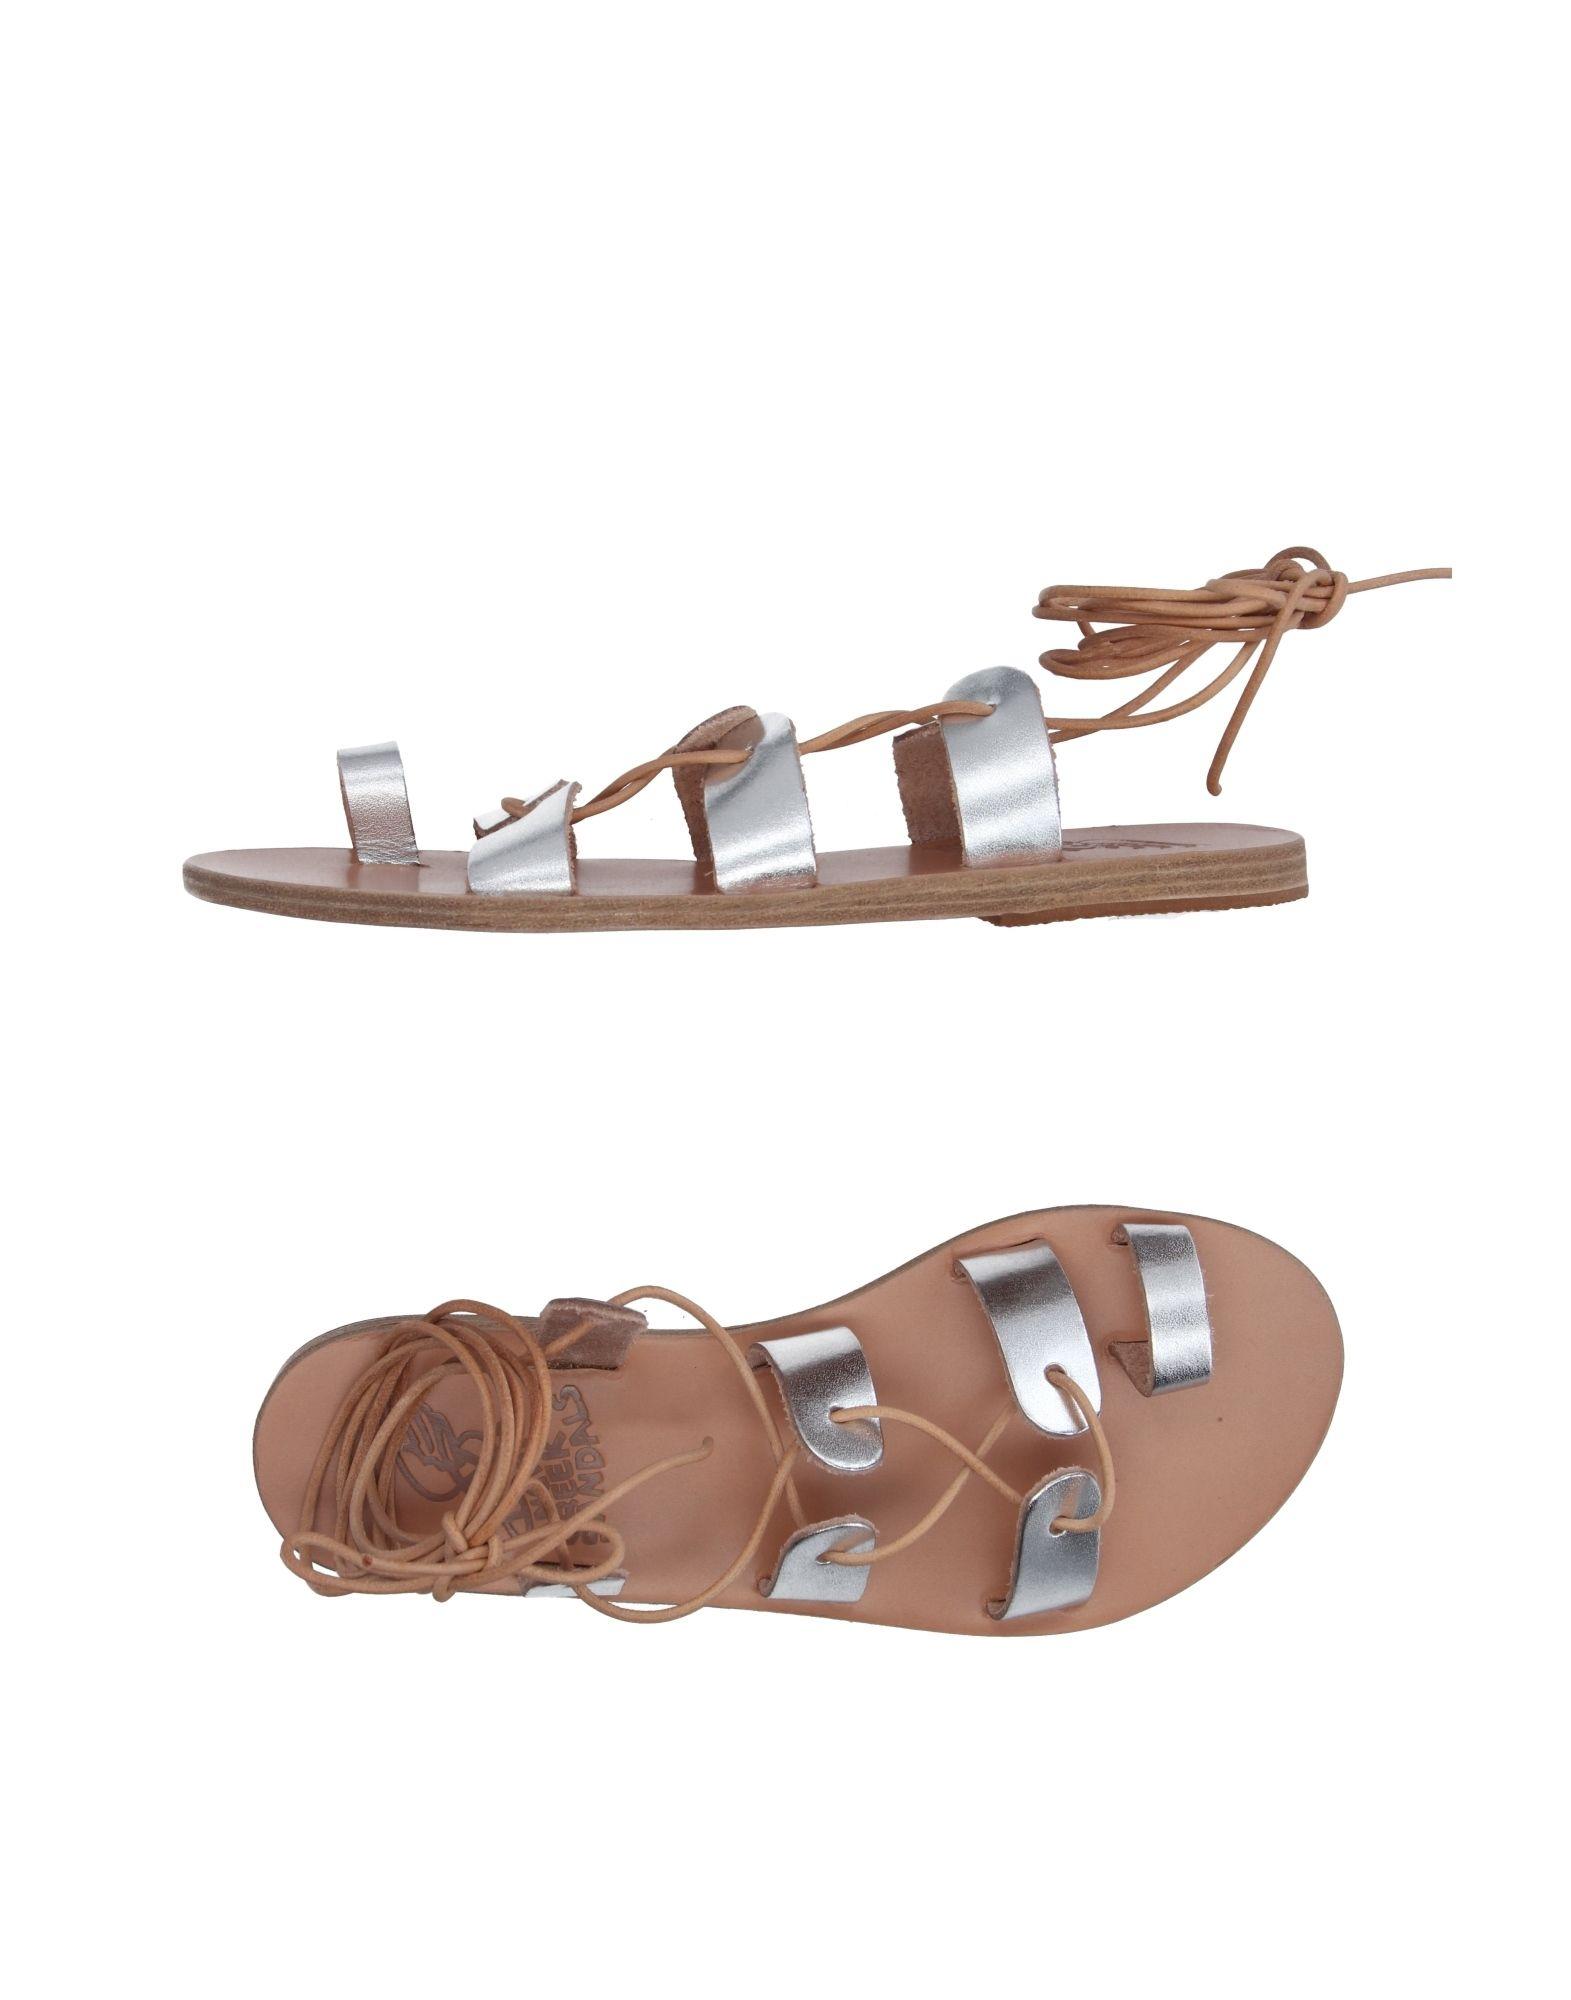 《送料無料》ANCIENT GREEK SANDALS レディース トングサンダル シルバー 41 革